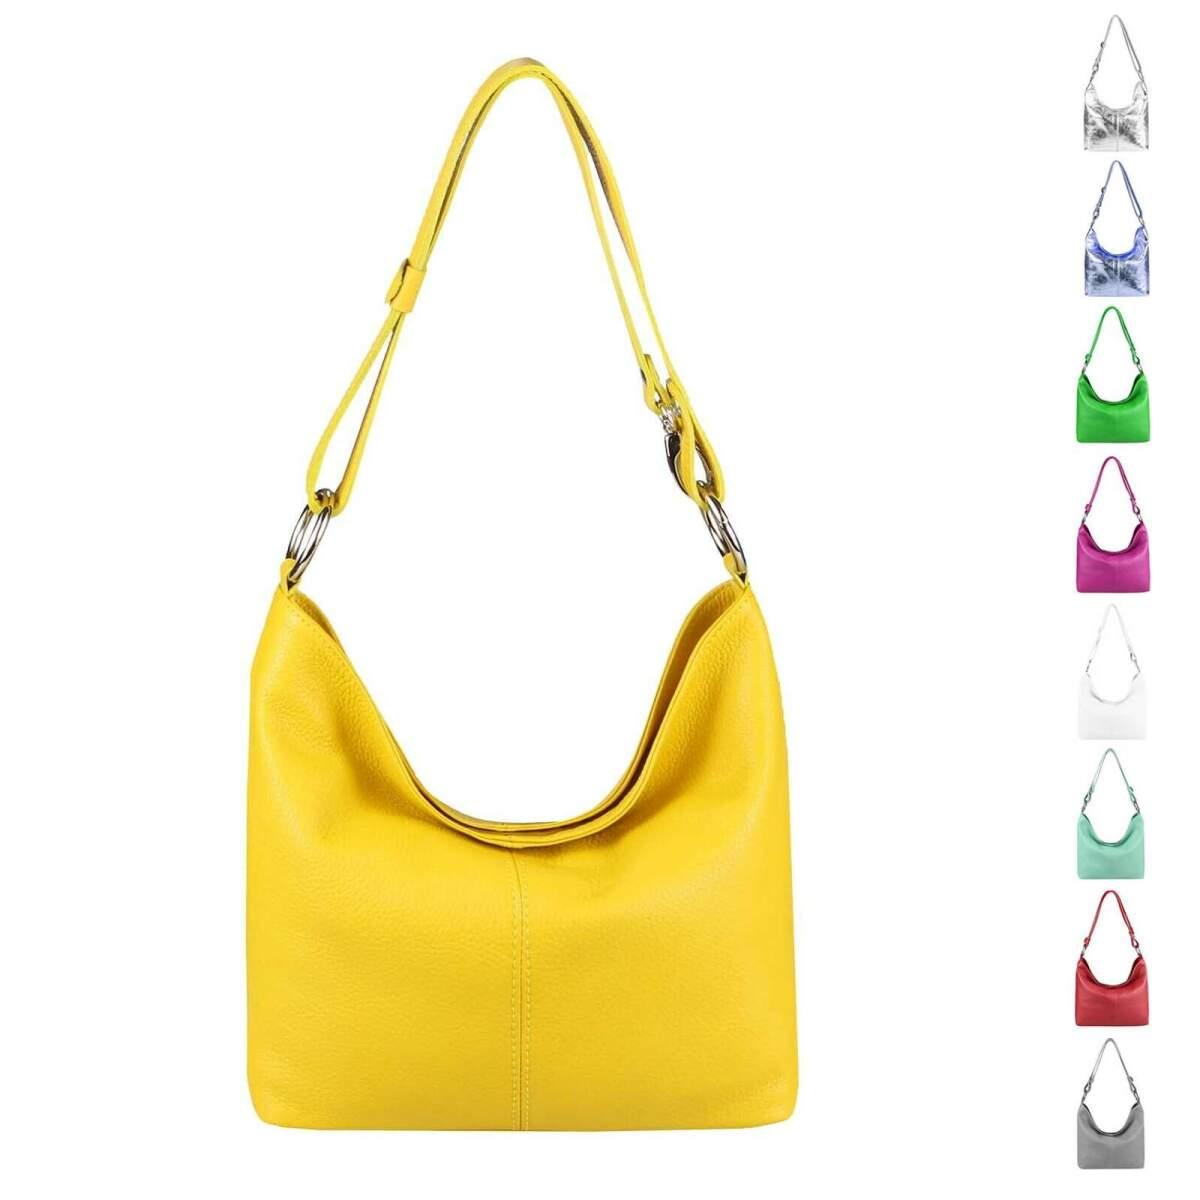 1eadba47b0dce Made in Italy echt Leder Metallic Damen Tasche Shopper Hobo-Bags  Schultertasche Umhängetasche Handtasche Ledertasche Silber